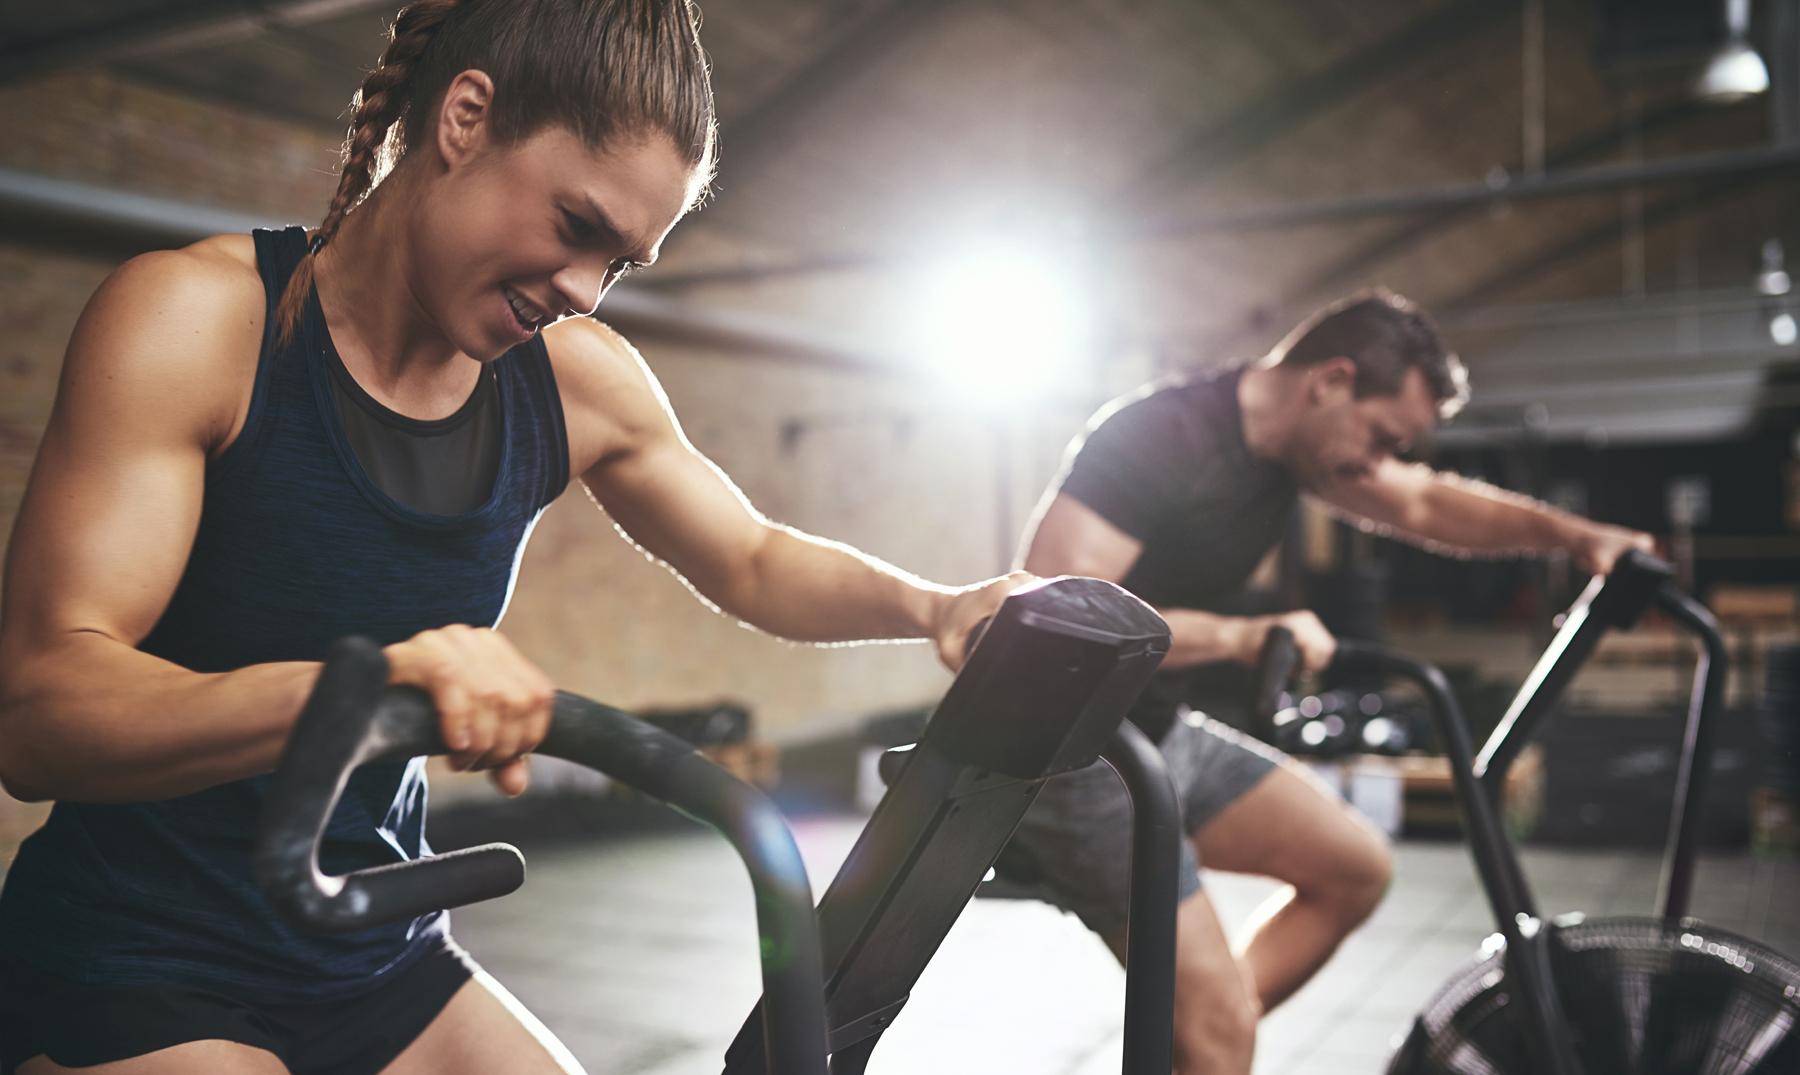 Investigadores aseguran haber encontrado un método para eliminar las excusas para faltar al gimnasio